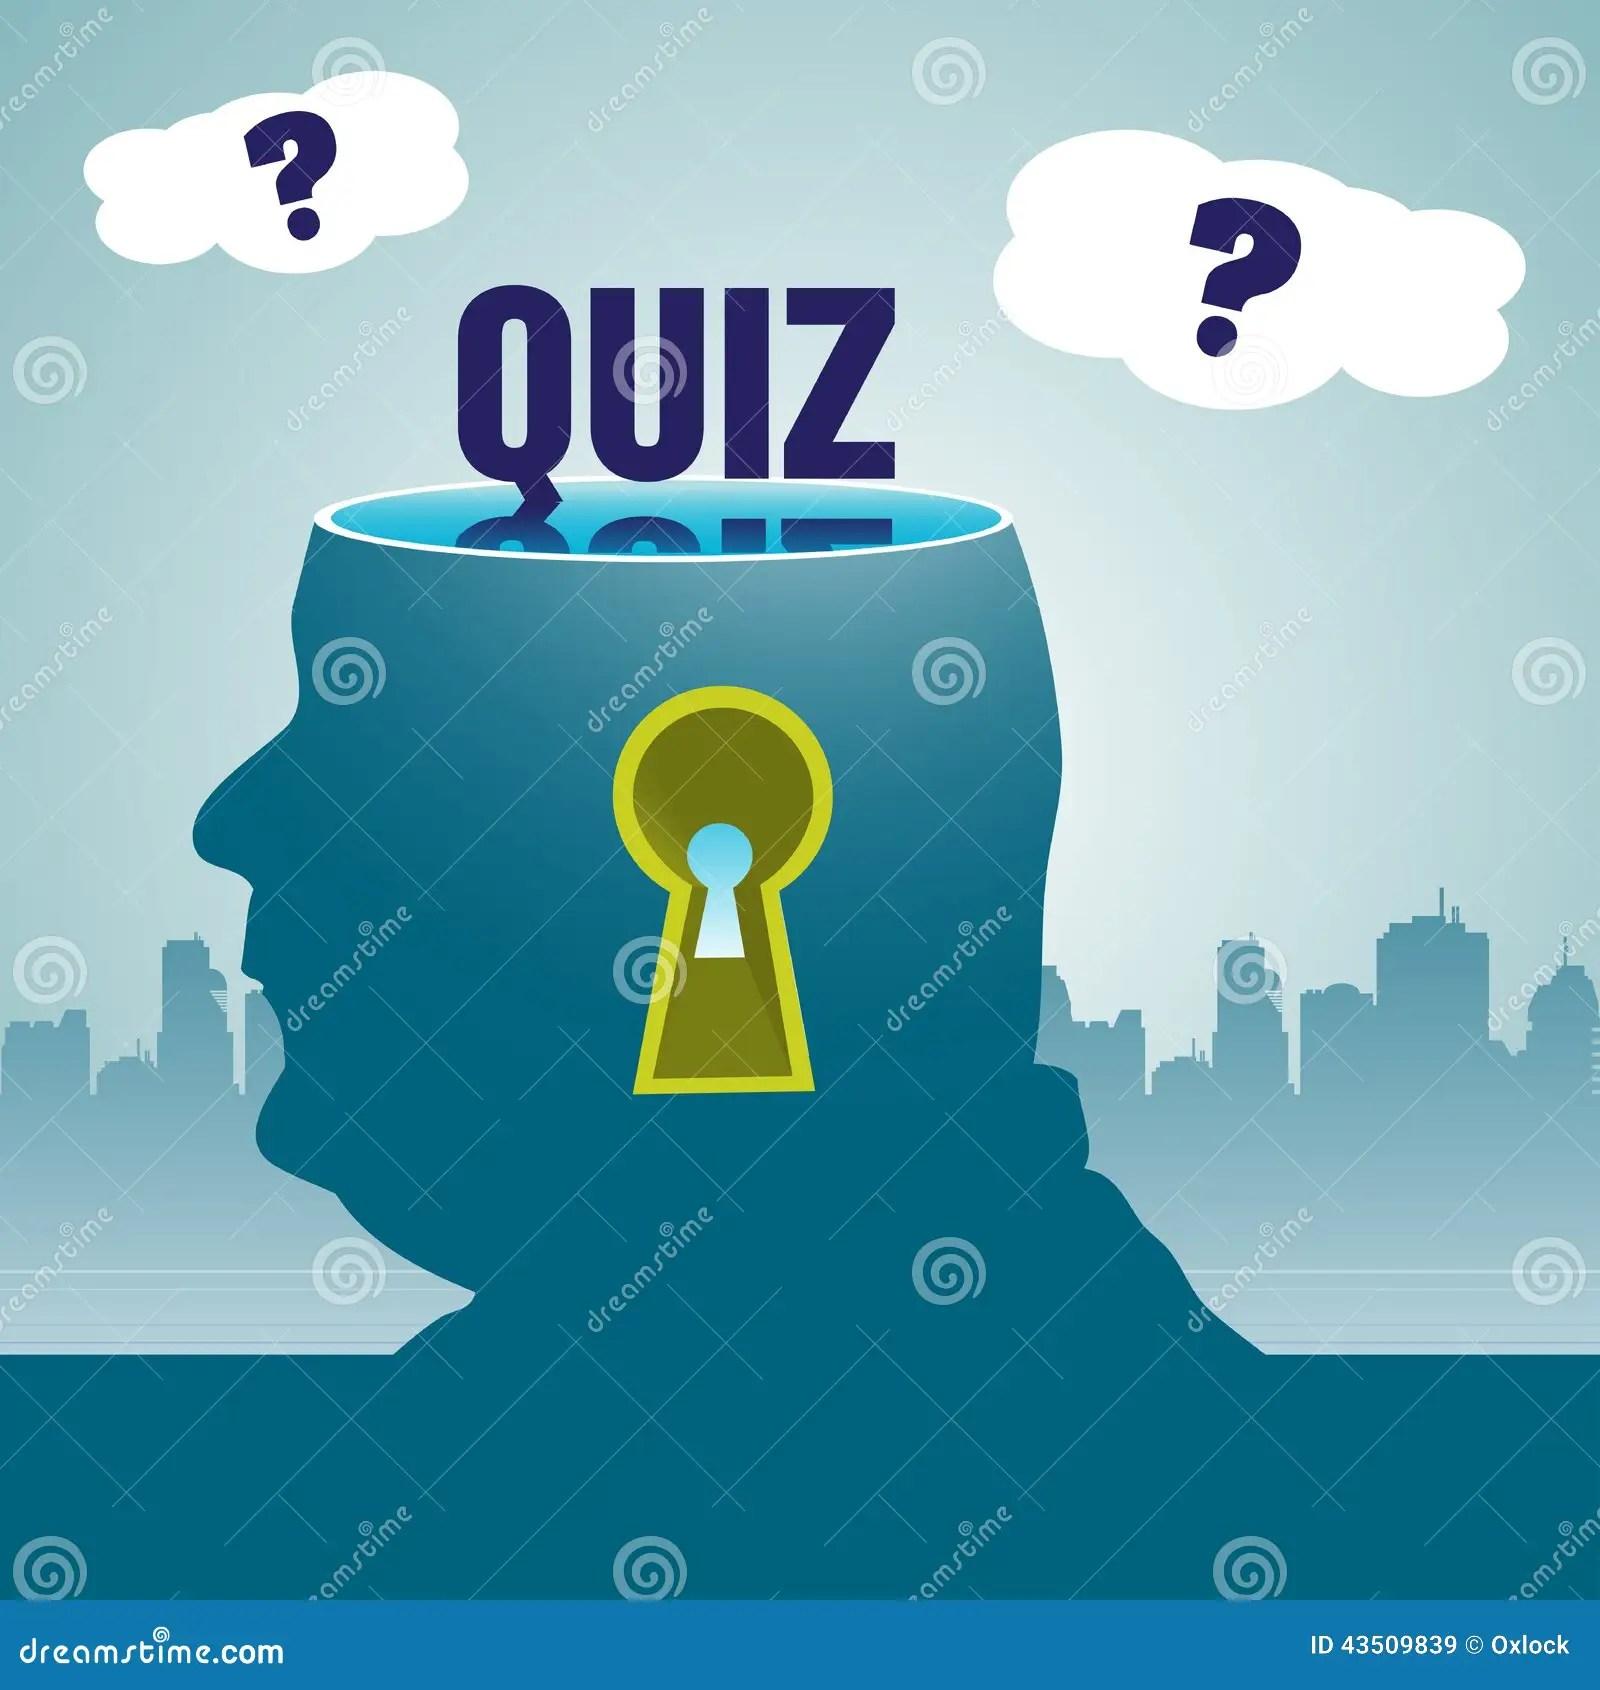 Quiz Theme Stock Vector